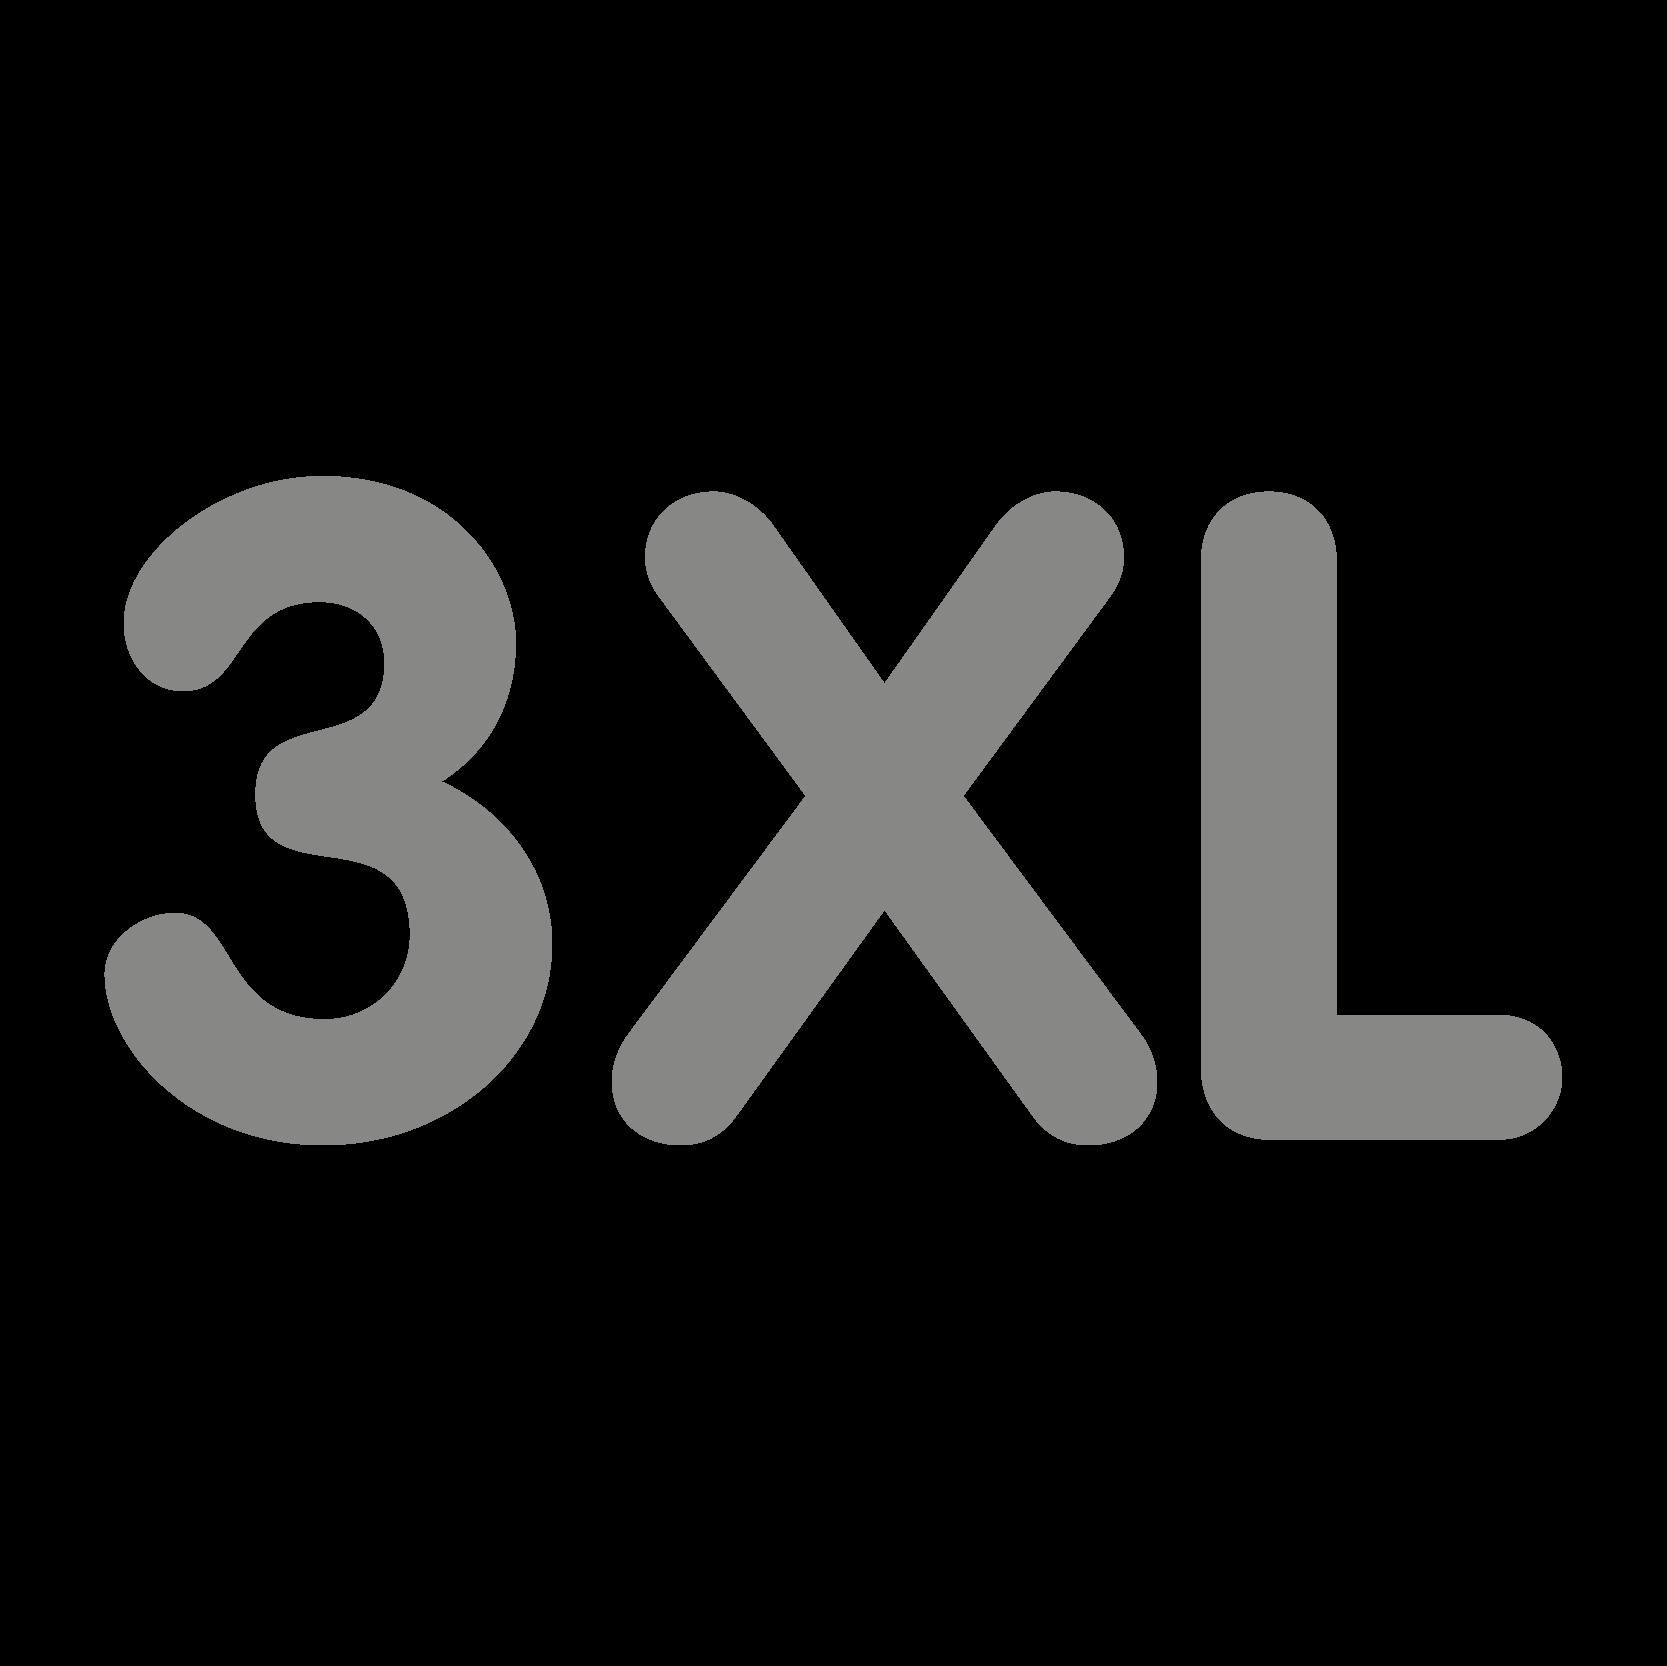 iconModel_27